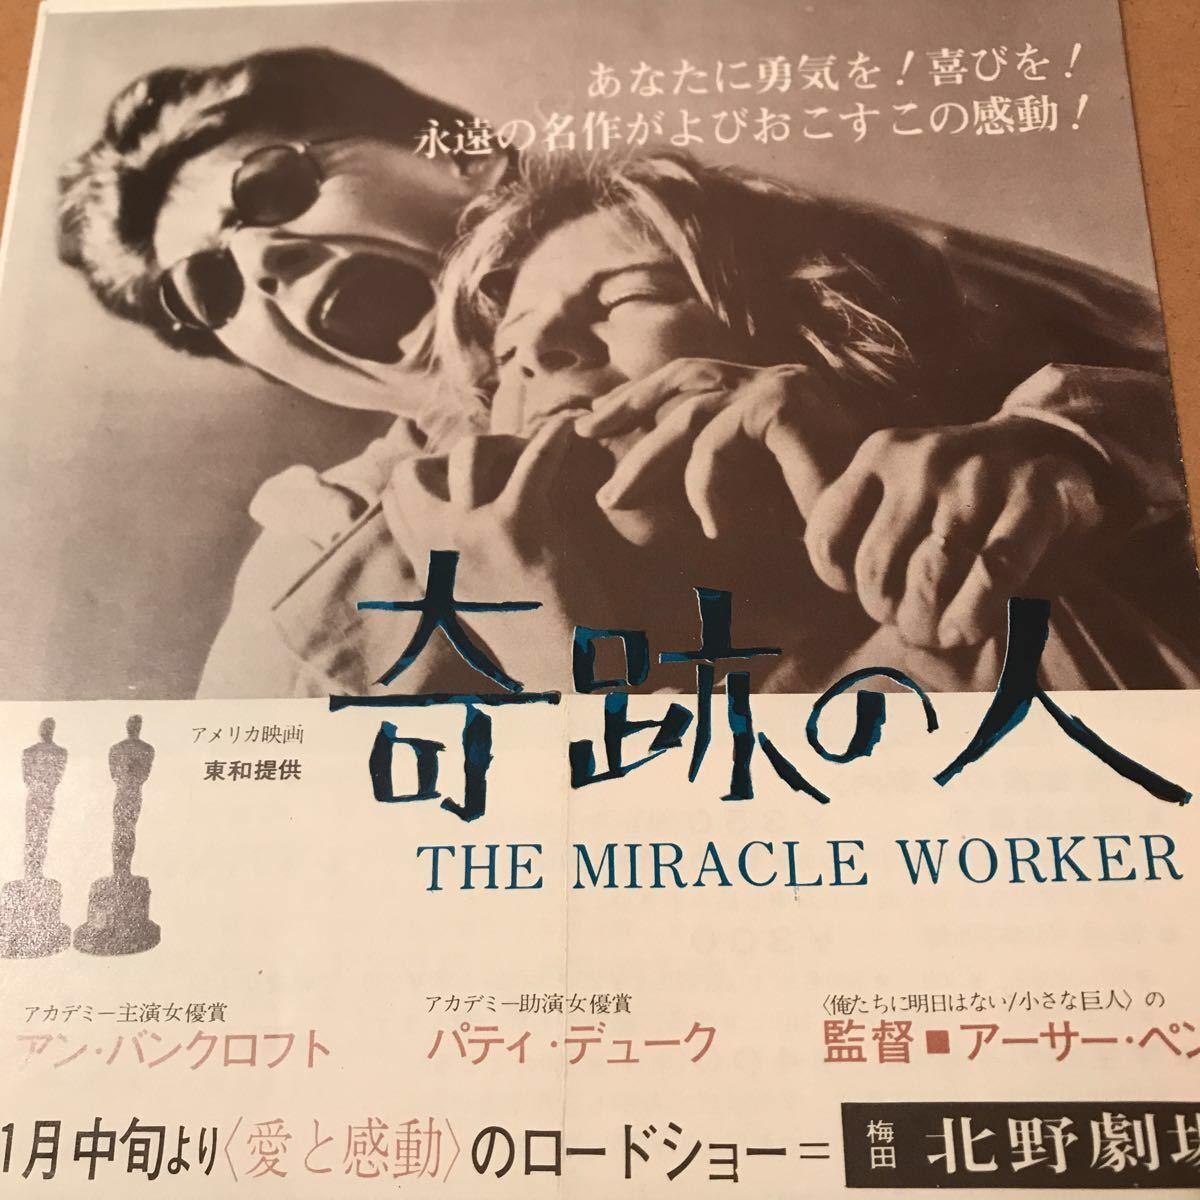 【希少/映画チラシ】『奇跡の人』1963年初公開作品 リバイバル上映時チラシ 通常カラーチラシ&2枚折り四角チラシ 2枚セット _画像6